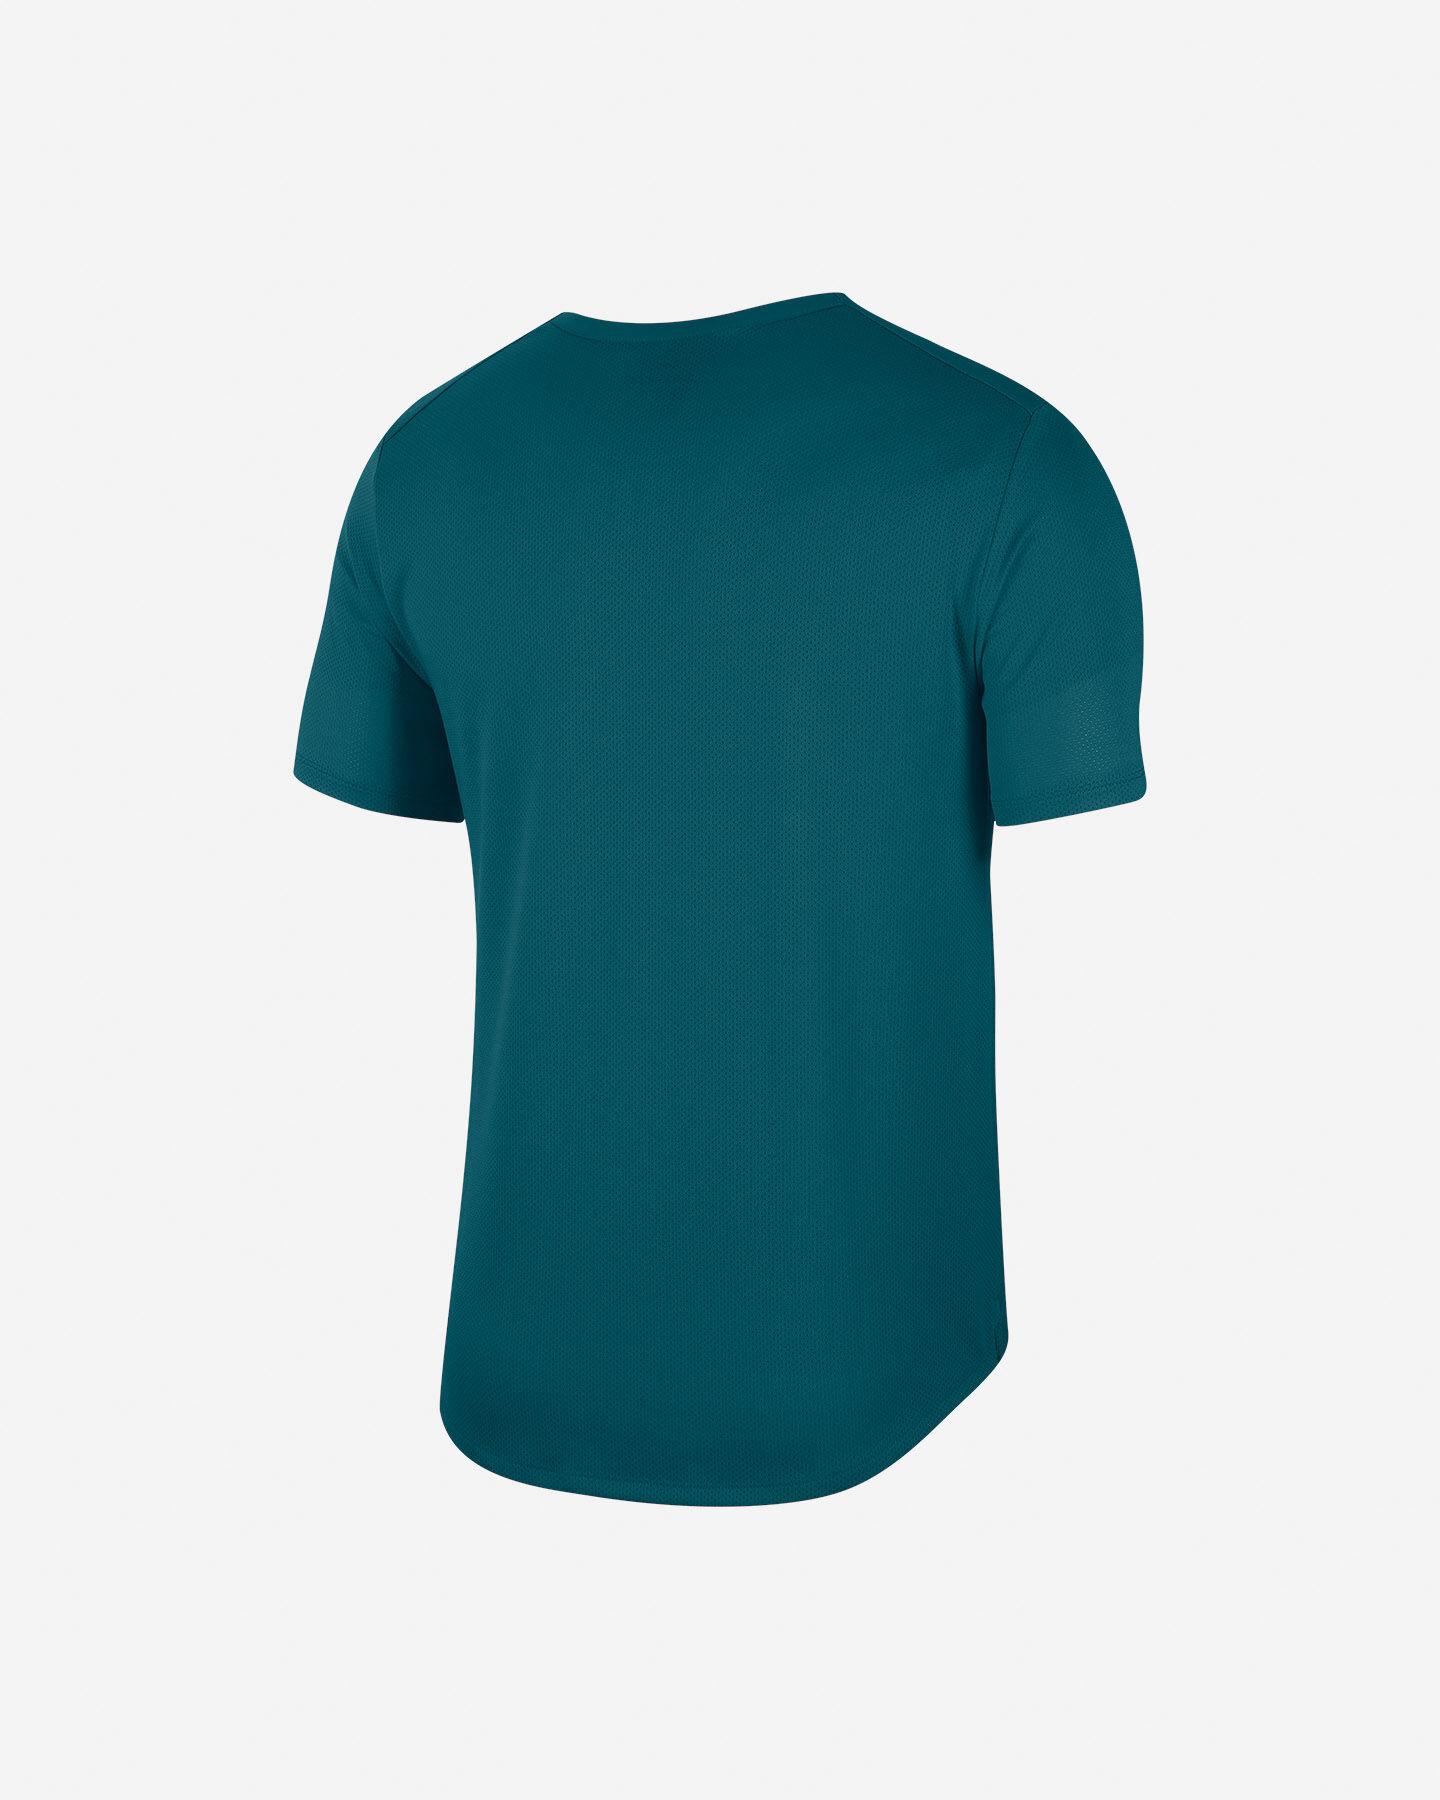 T-Shirt running NIKE MILER WILD RUN M S5225613 scatto 1